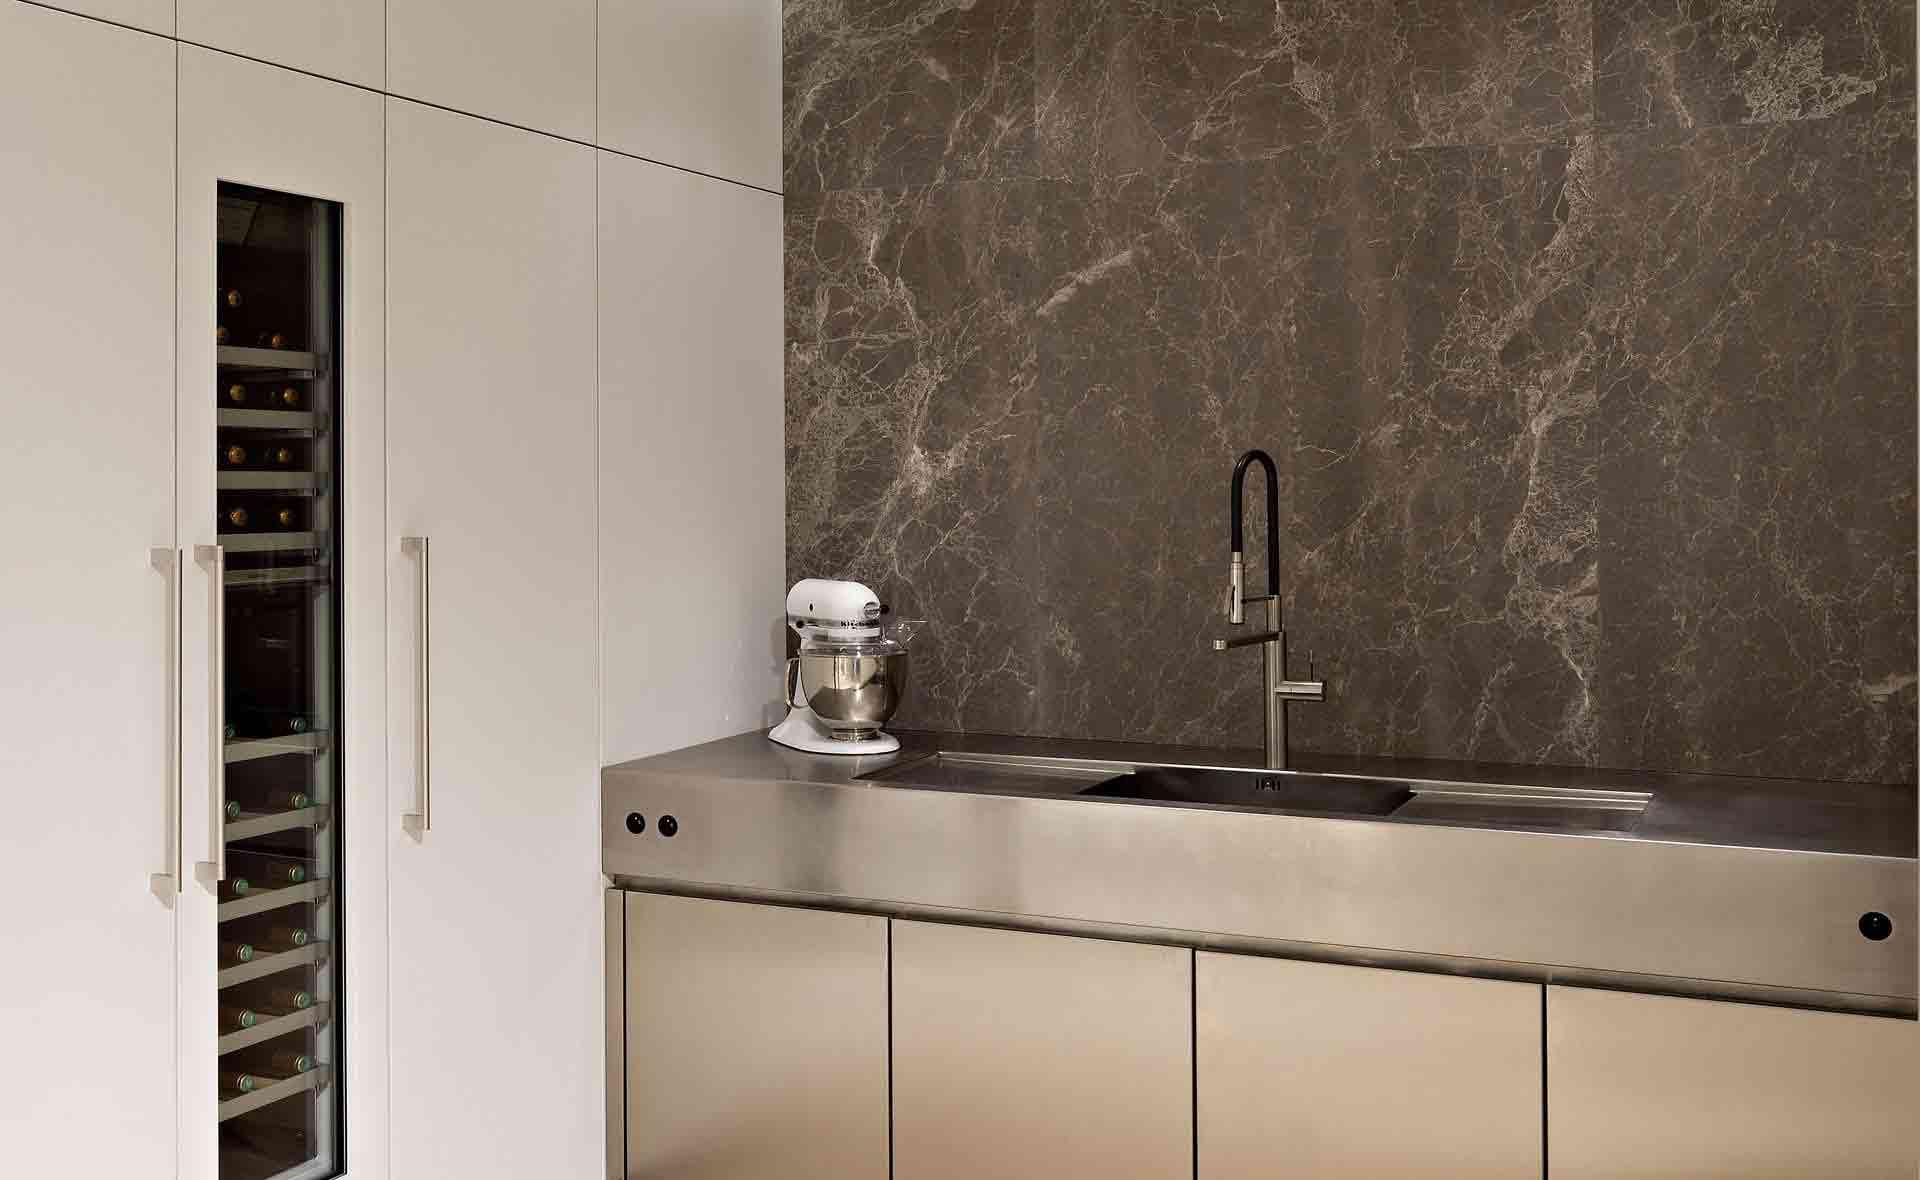 Dekeyzer-hedendaagse-keuken-interieur-3.jpg